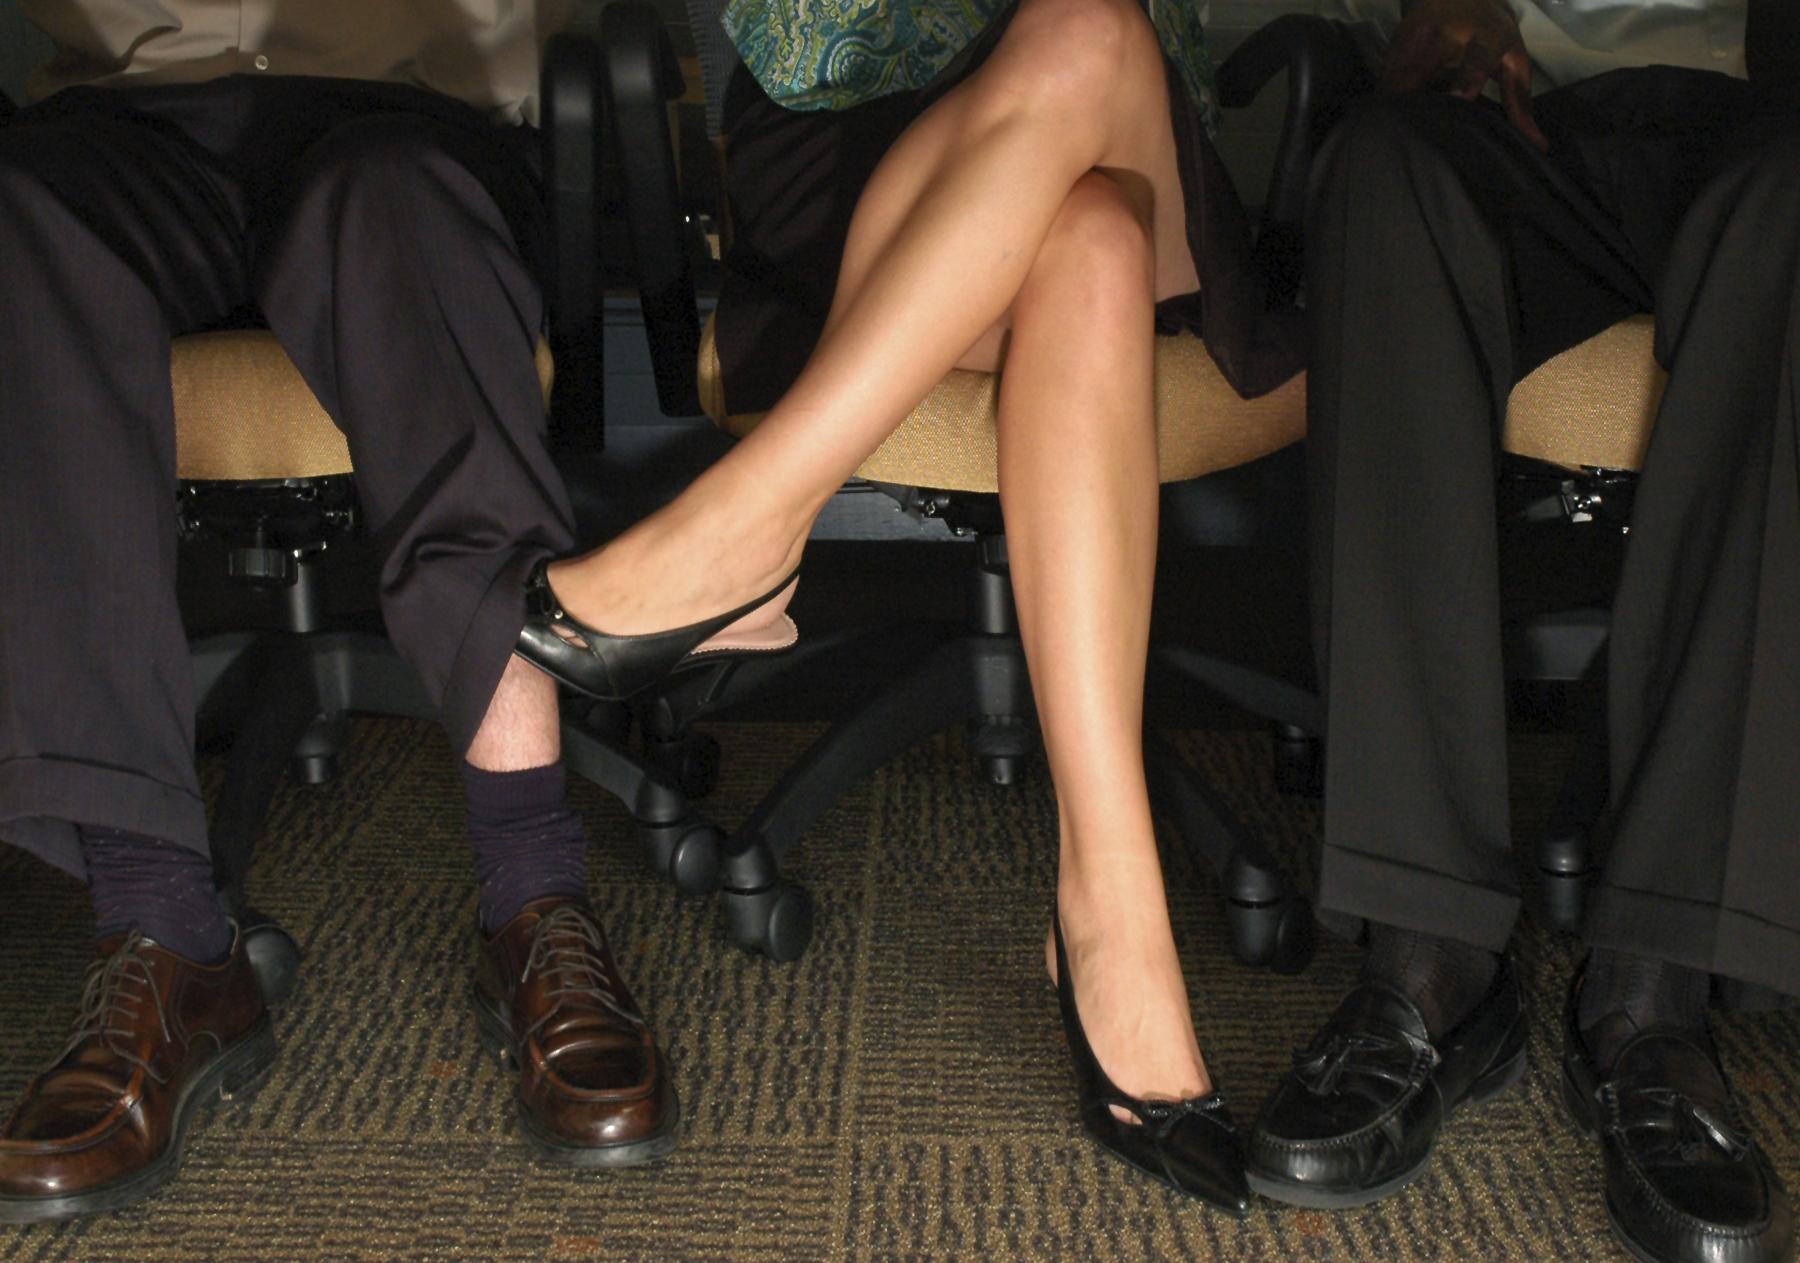 Раздвинула ноги и дала полизать, Девочка раздвинула ножки и дала вылизать себе писю 3 фотография